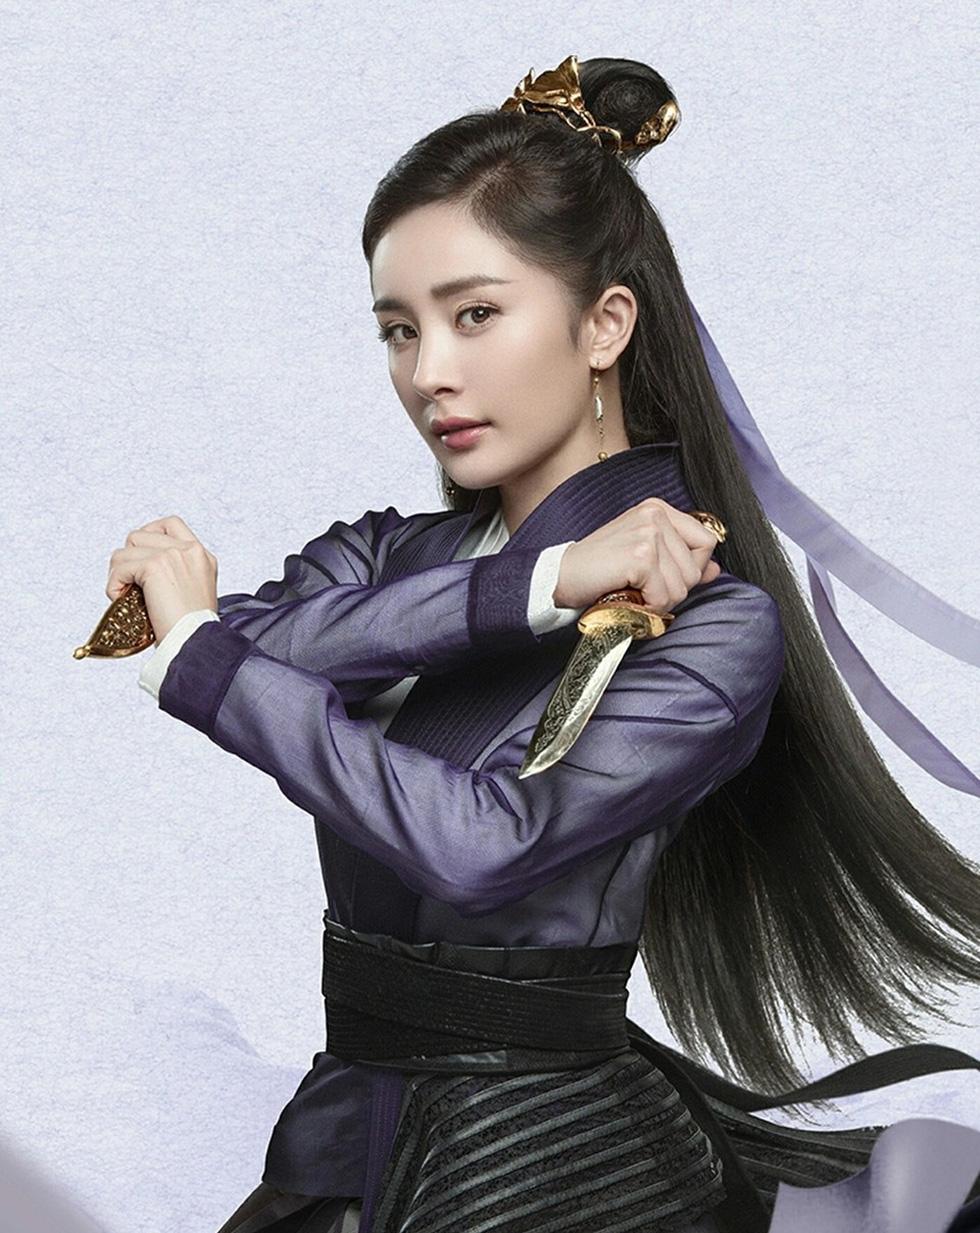 Dương Mịch: Nữ hoàng rating với 7 tỷ lượt xem - Ảnh 7.